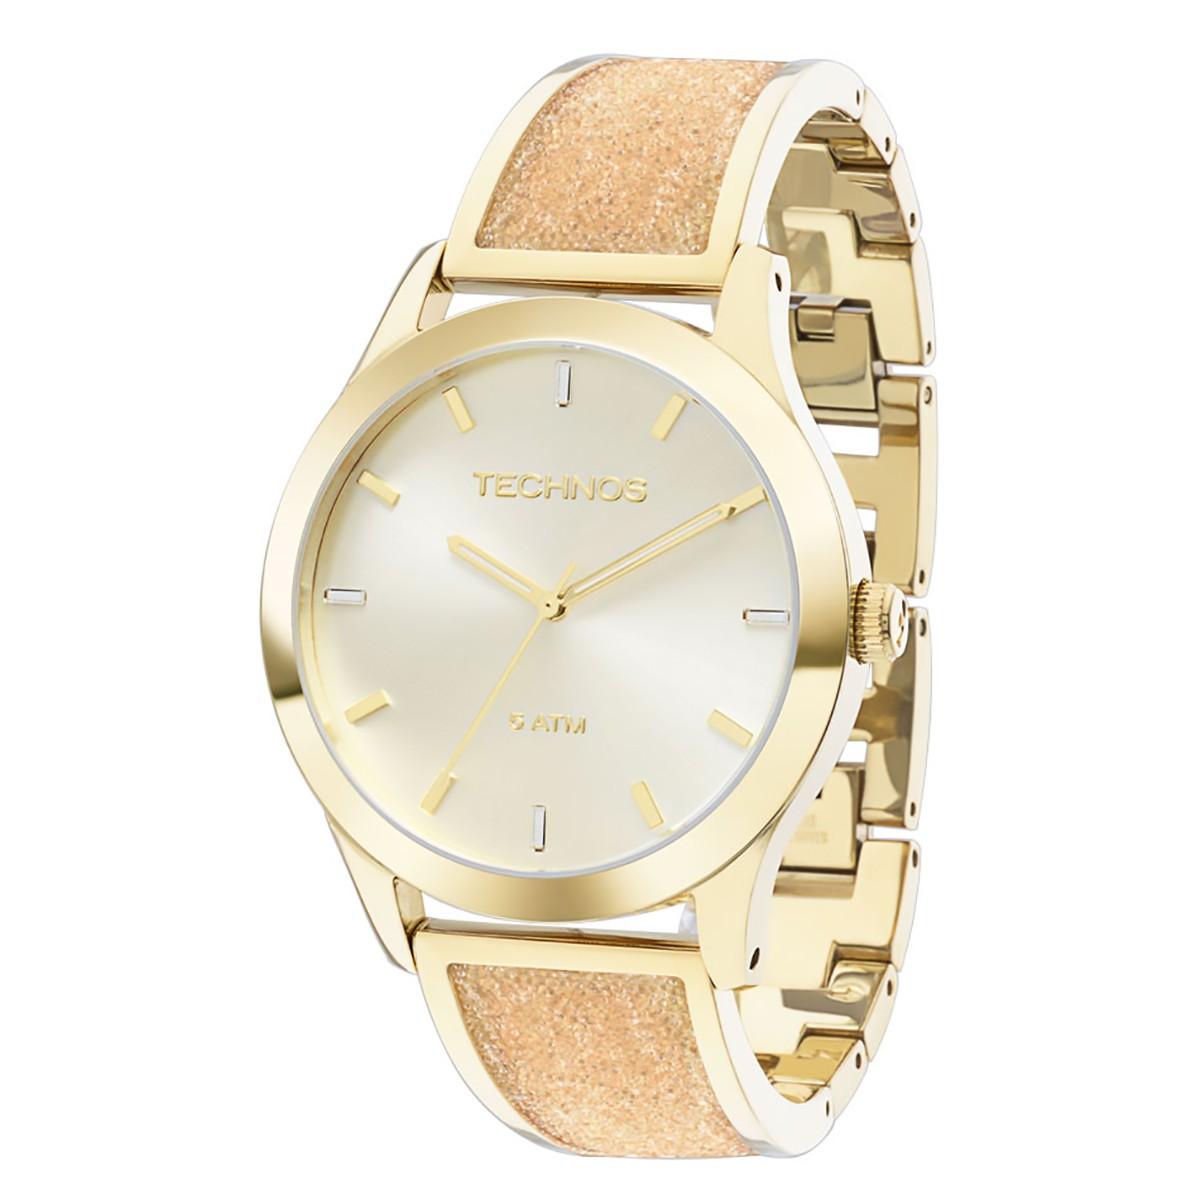 8687821cdf5 Relógio Technos Elegance Crystal